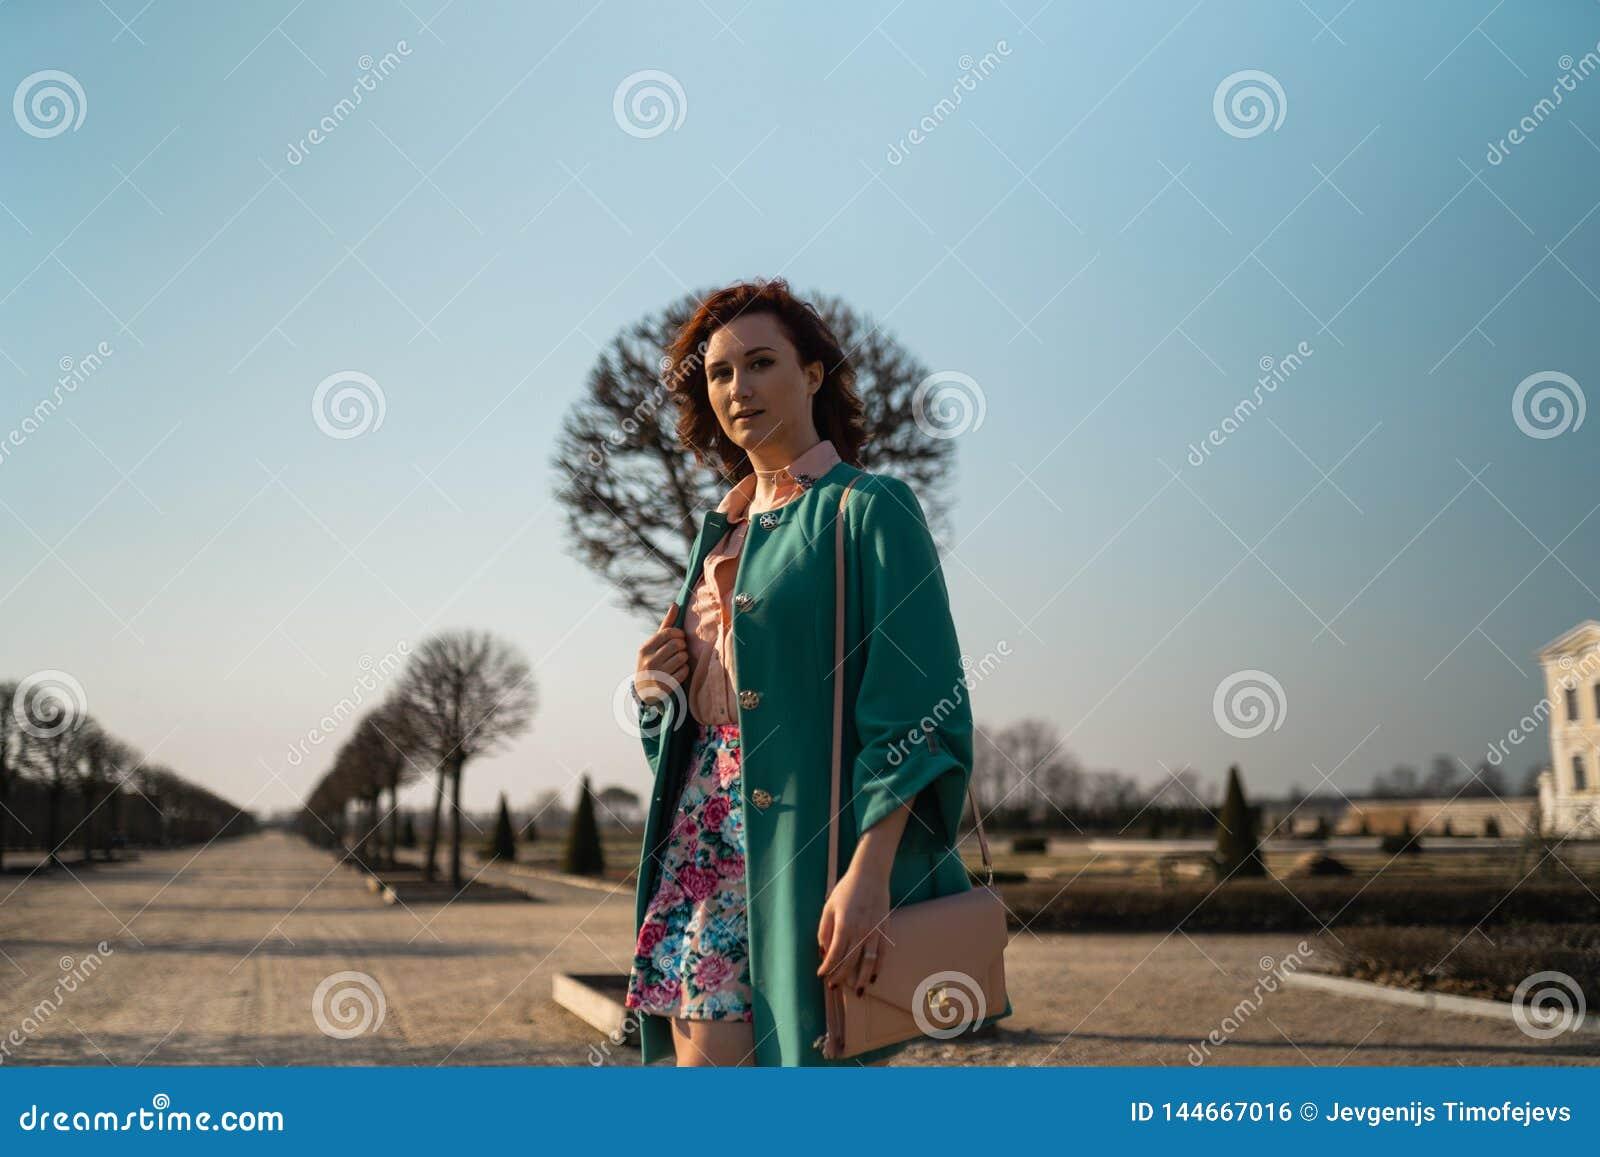 Junge Modeliebhaberfrau, die in einem Park trägt klare grüne Jacke und einen bunten Rock waling ist